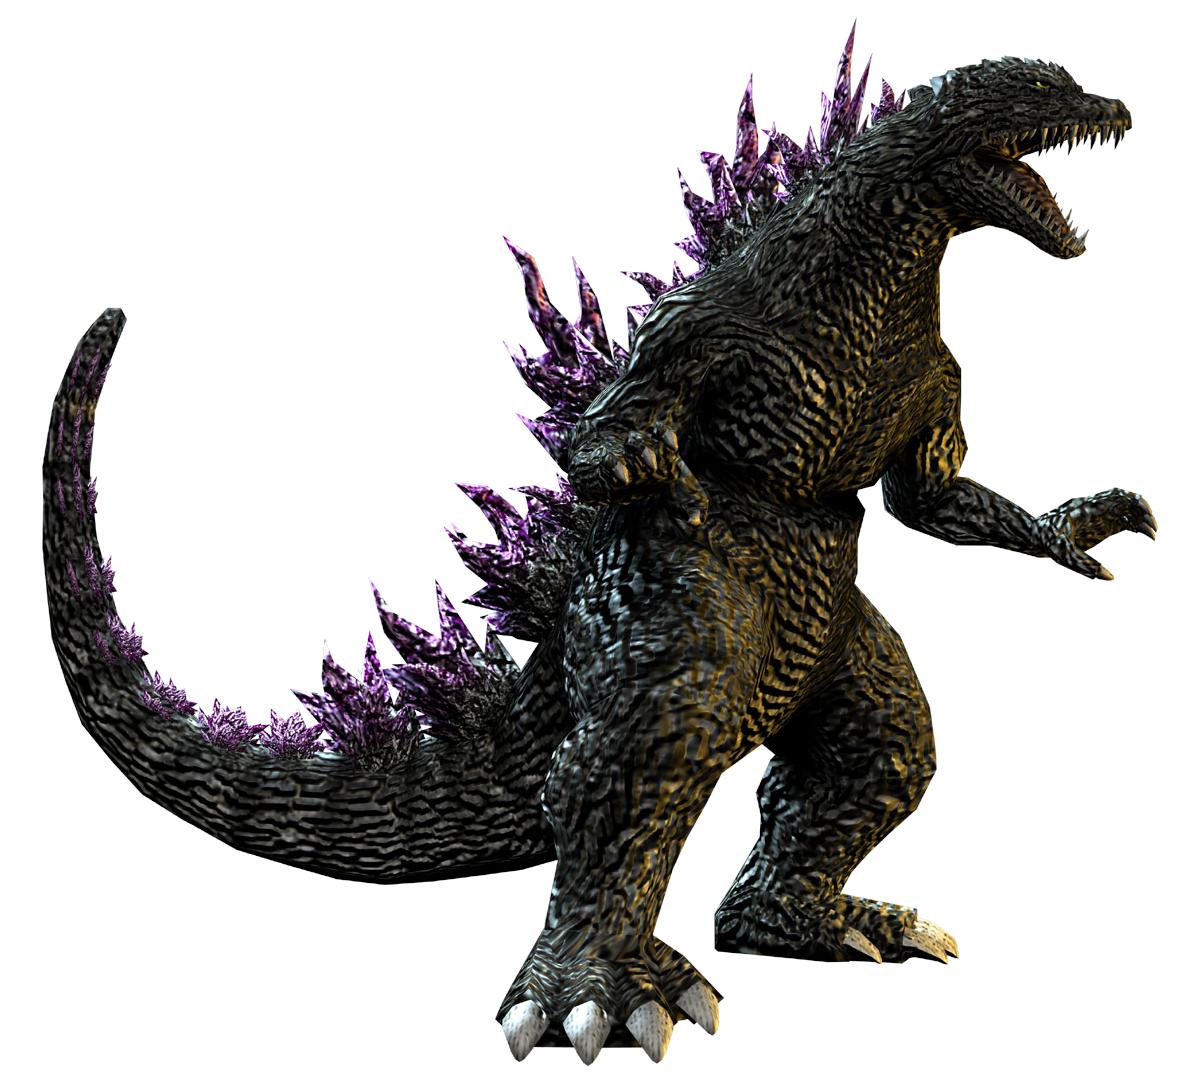 Image   Godzilla 2000 (Godzilla Unleashed).png | Gojipedia | Fandom Powered By Wikia - Godzilla, Transparent background PNG HD thumbnail